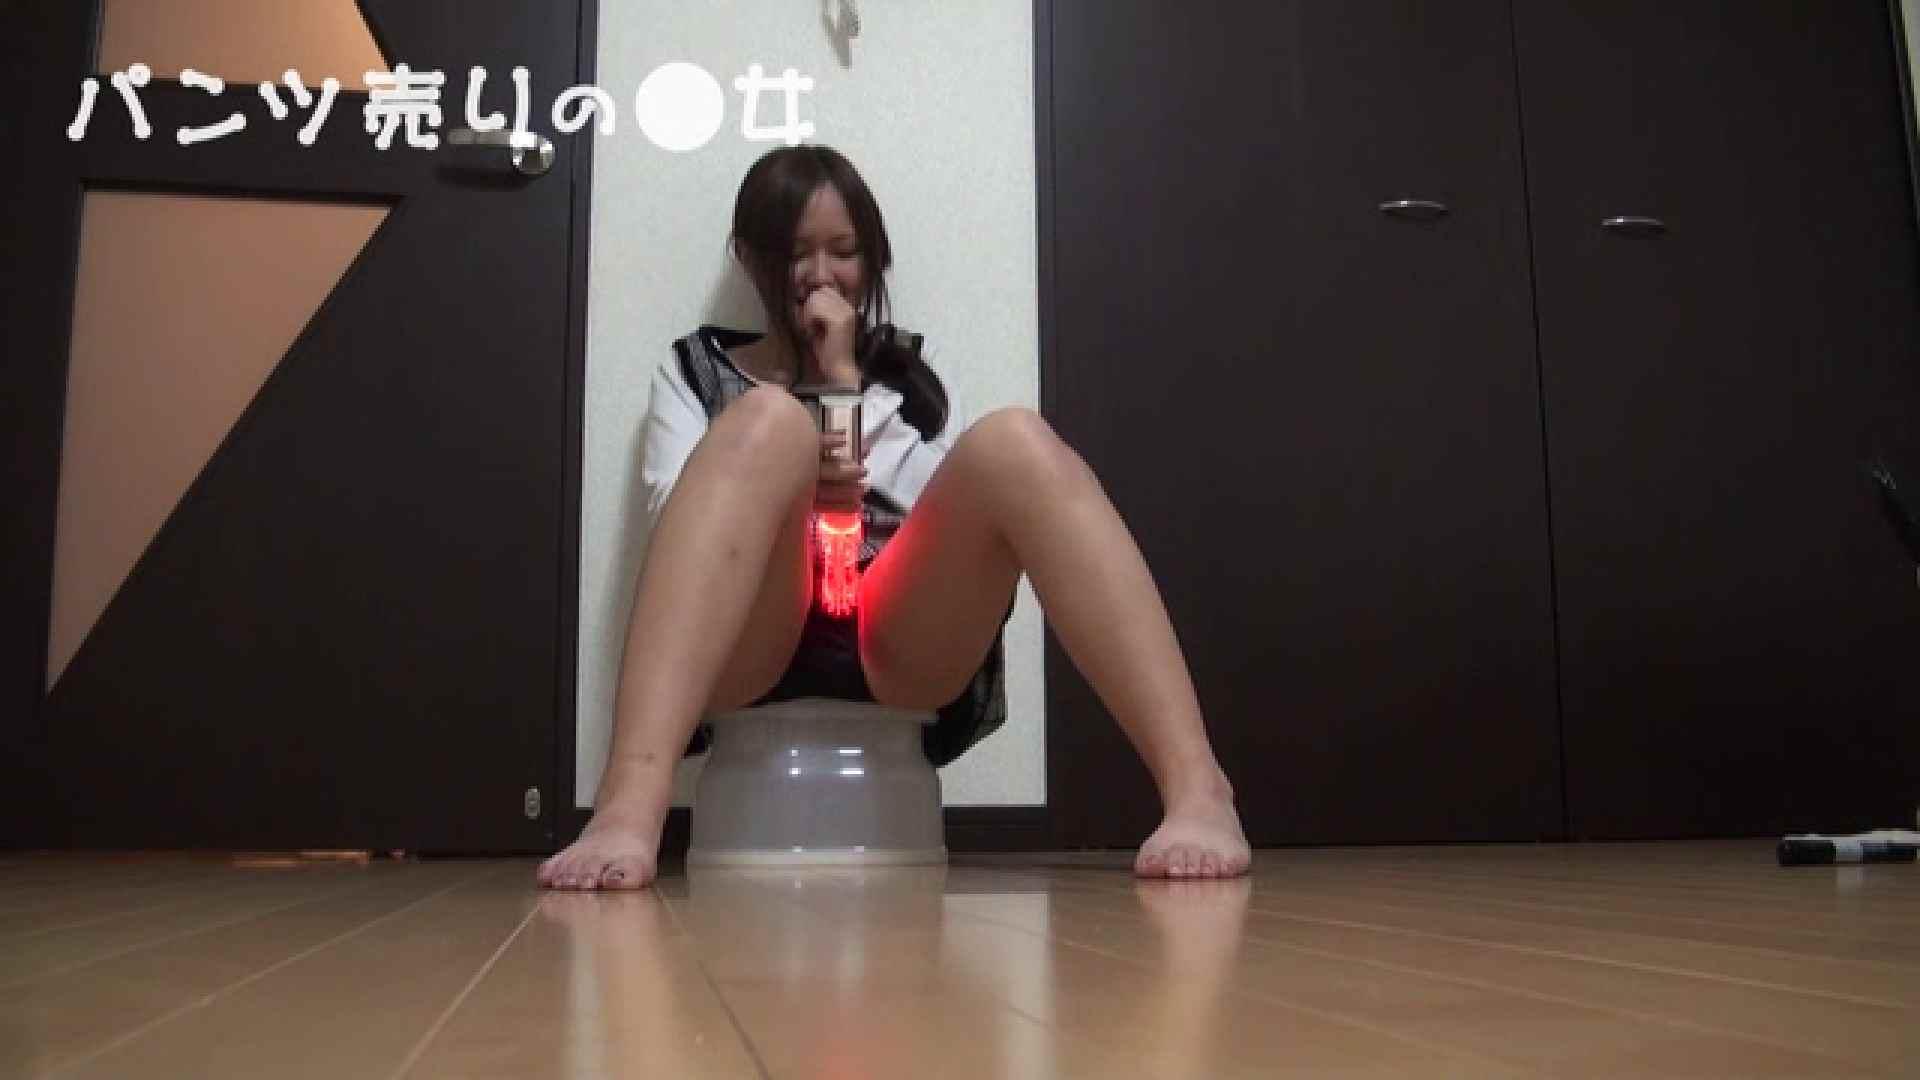 新説 パンツ売りの女の子ayu03 一般投稿  103連発 17